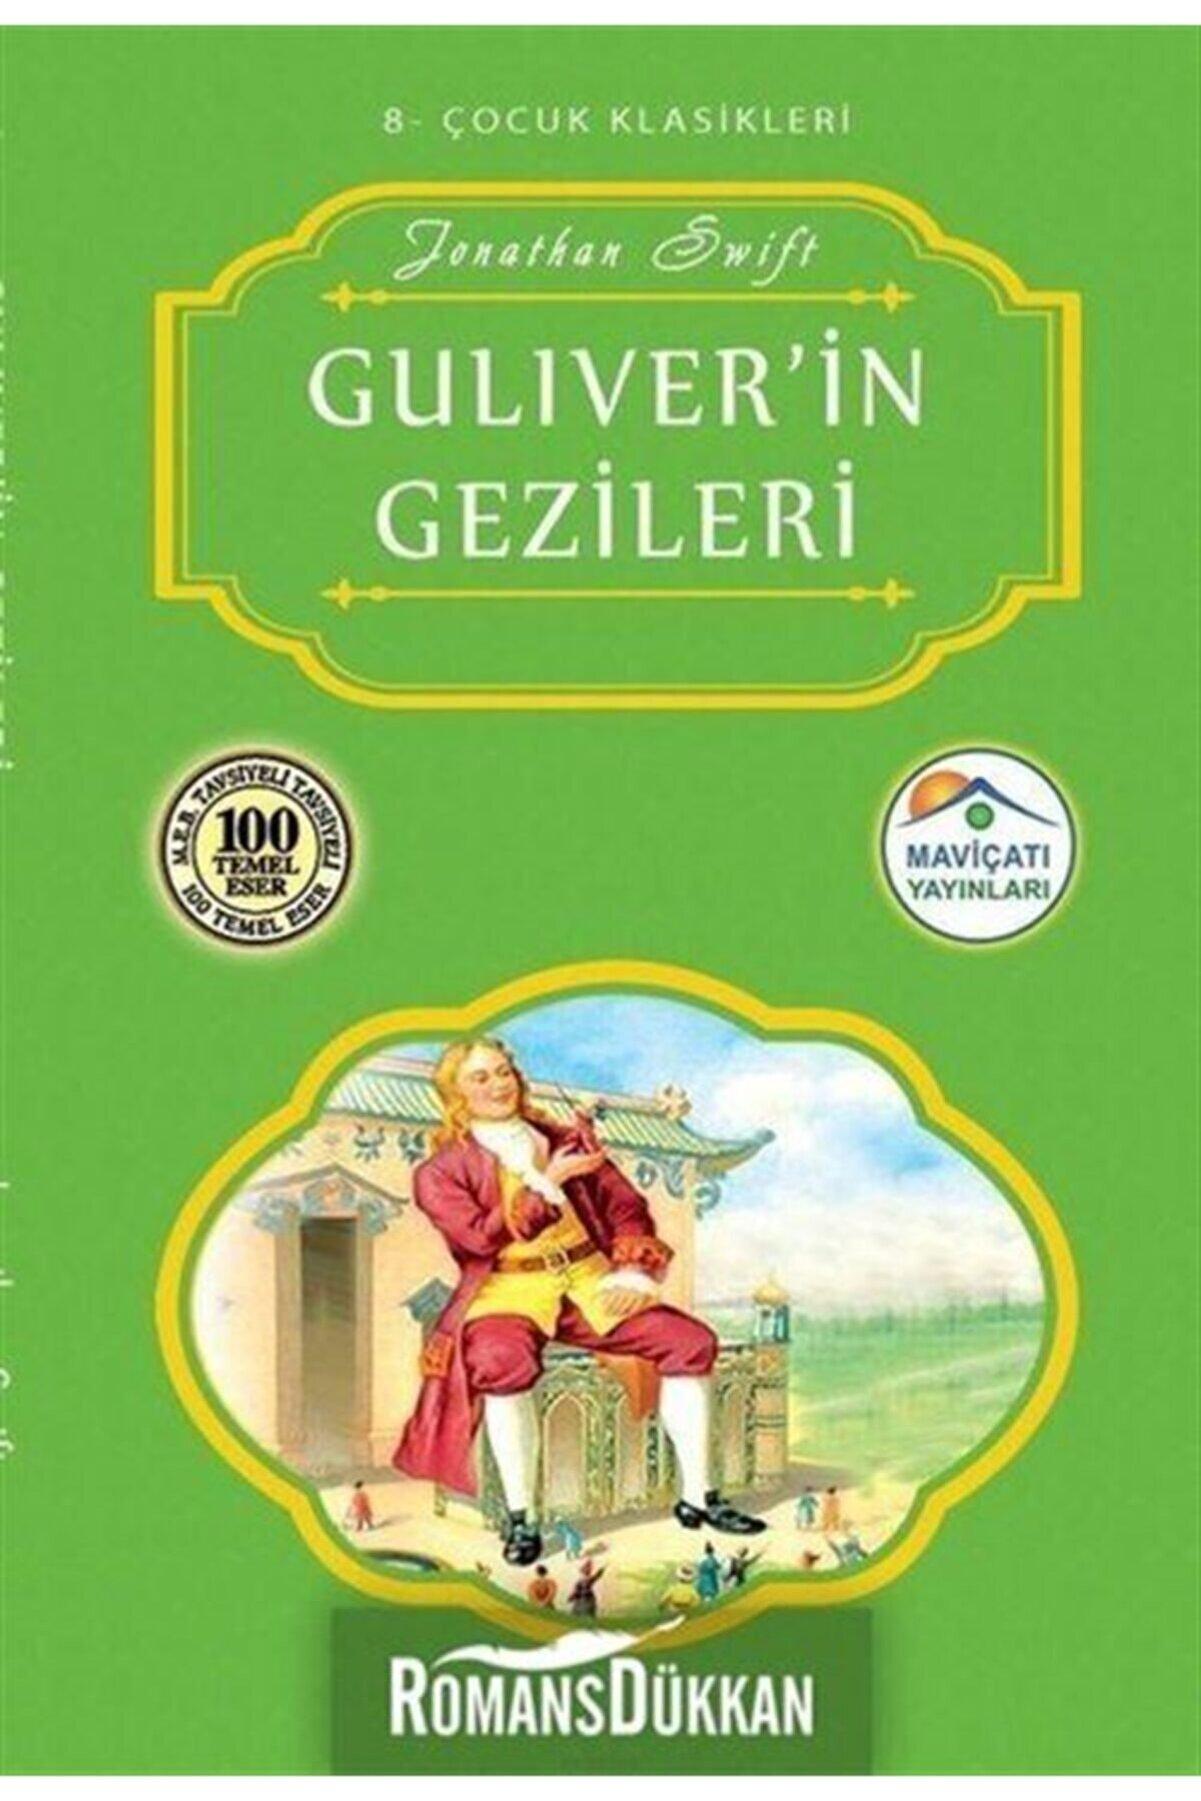 Mavi Çatı Yayınları Guliver'in Gezileri-çocuk Klasikleri 8